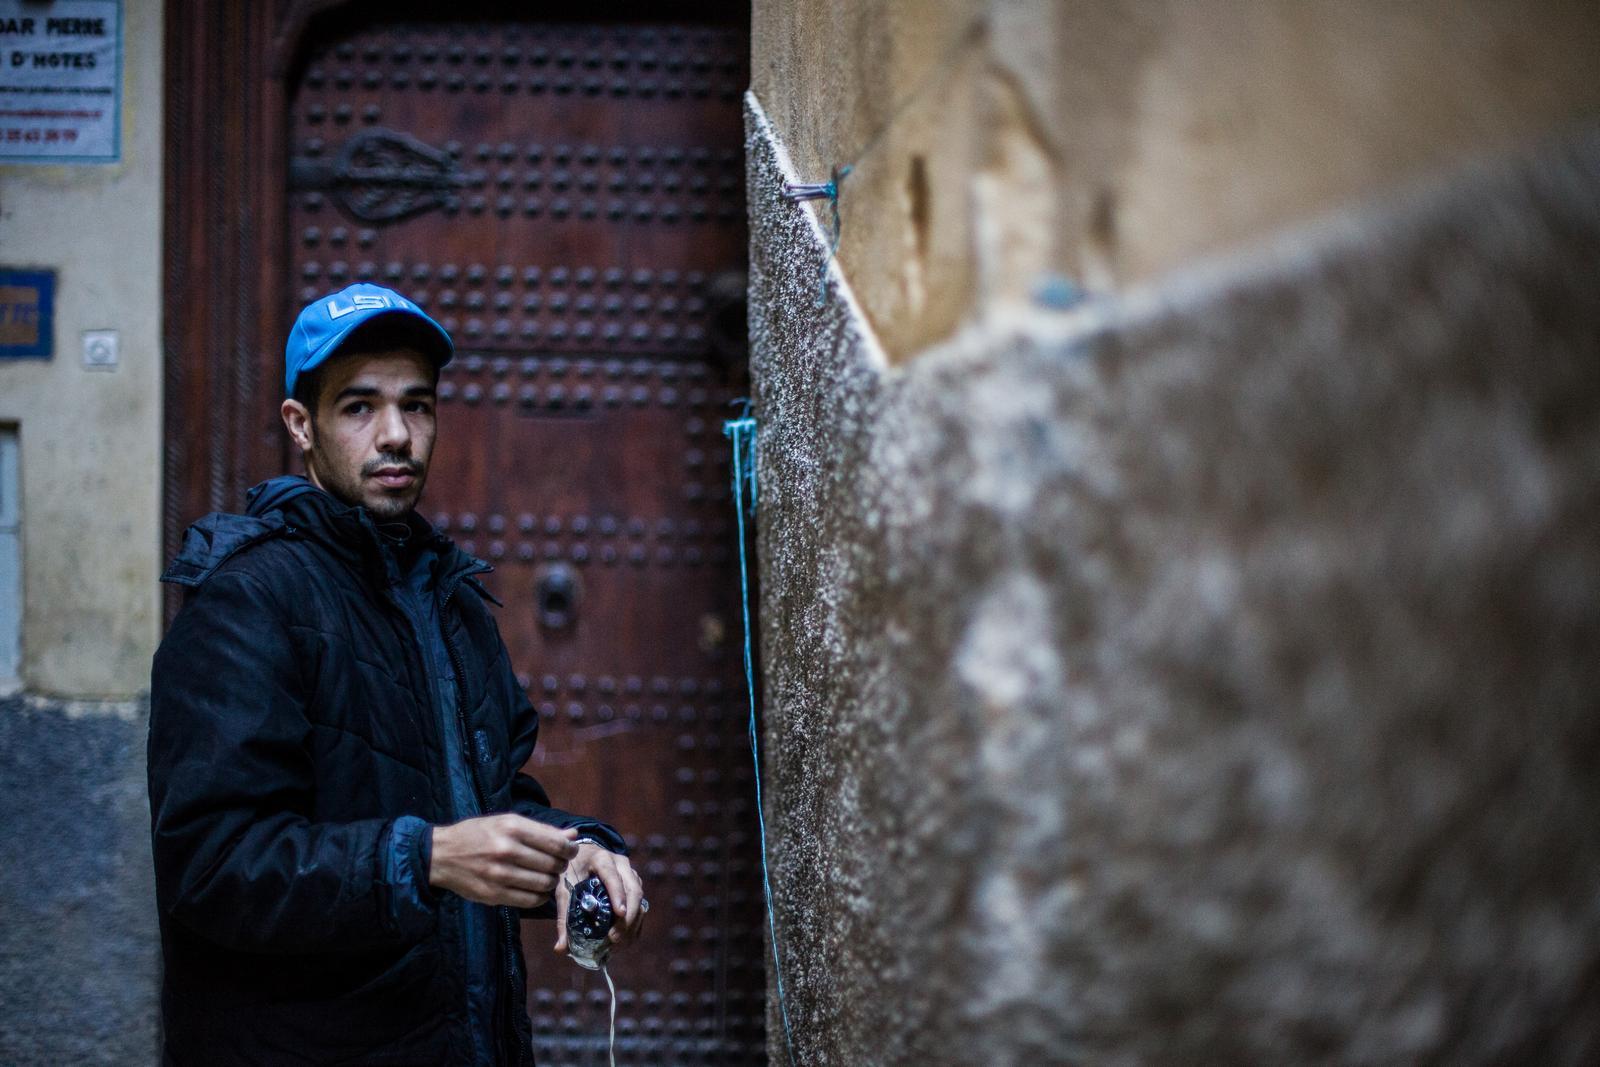 Medina de Fes Maroc, tanneurs - Rémi Jaouen photographe Paris